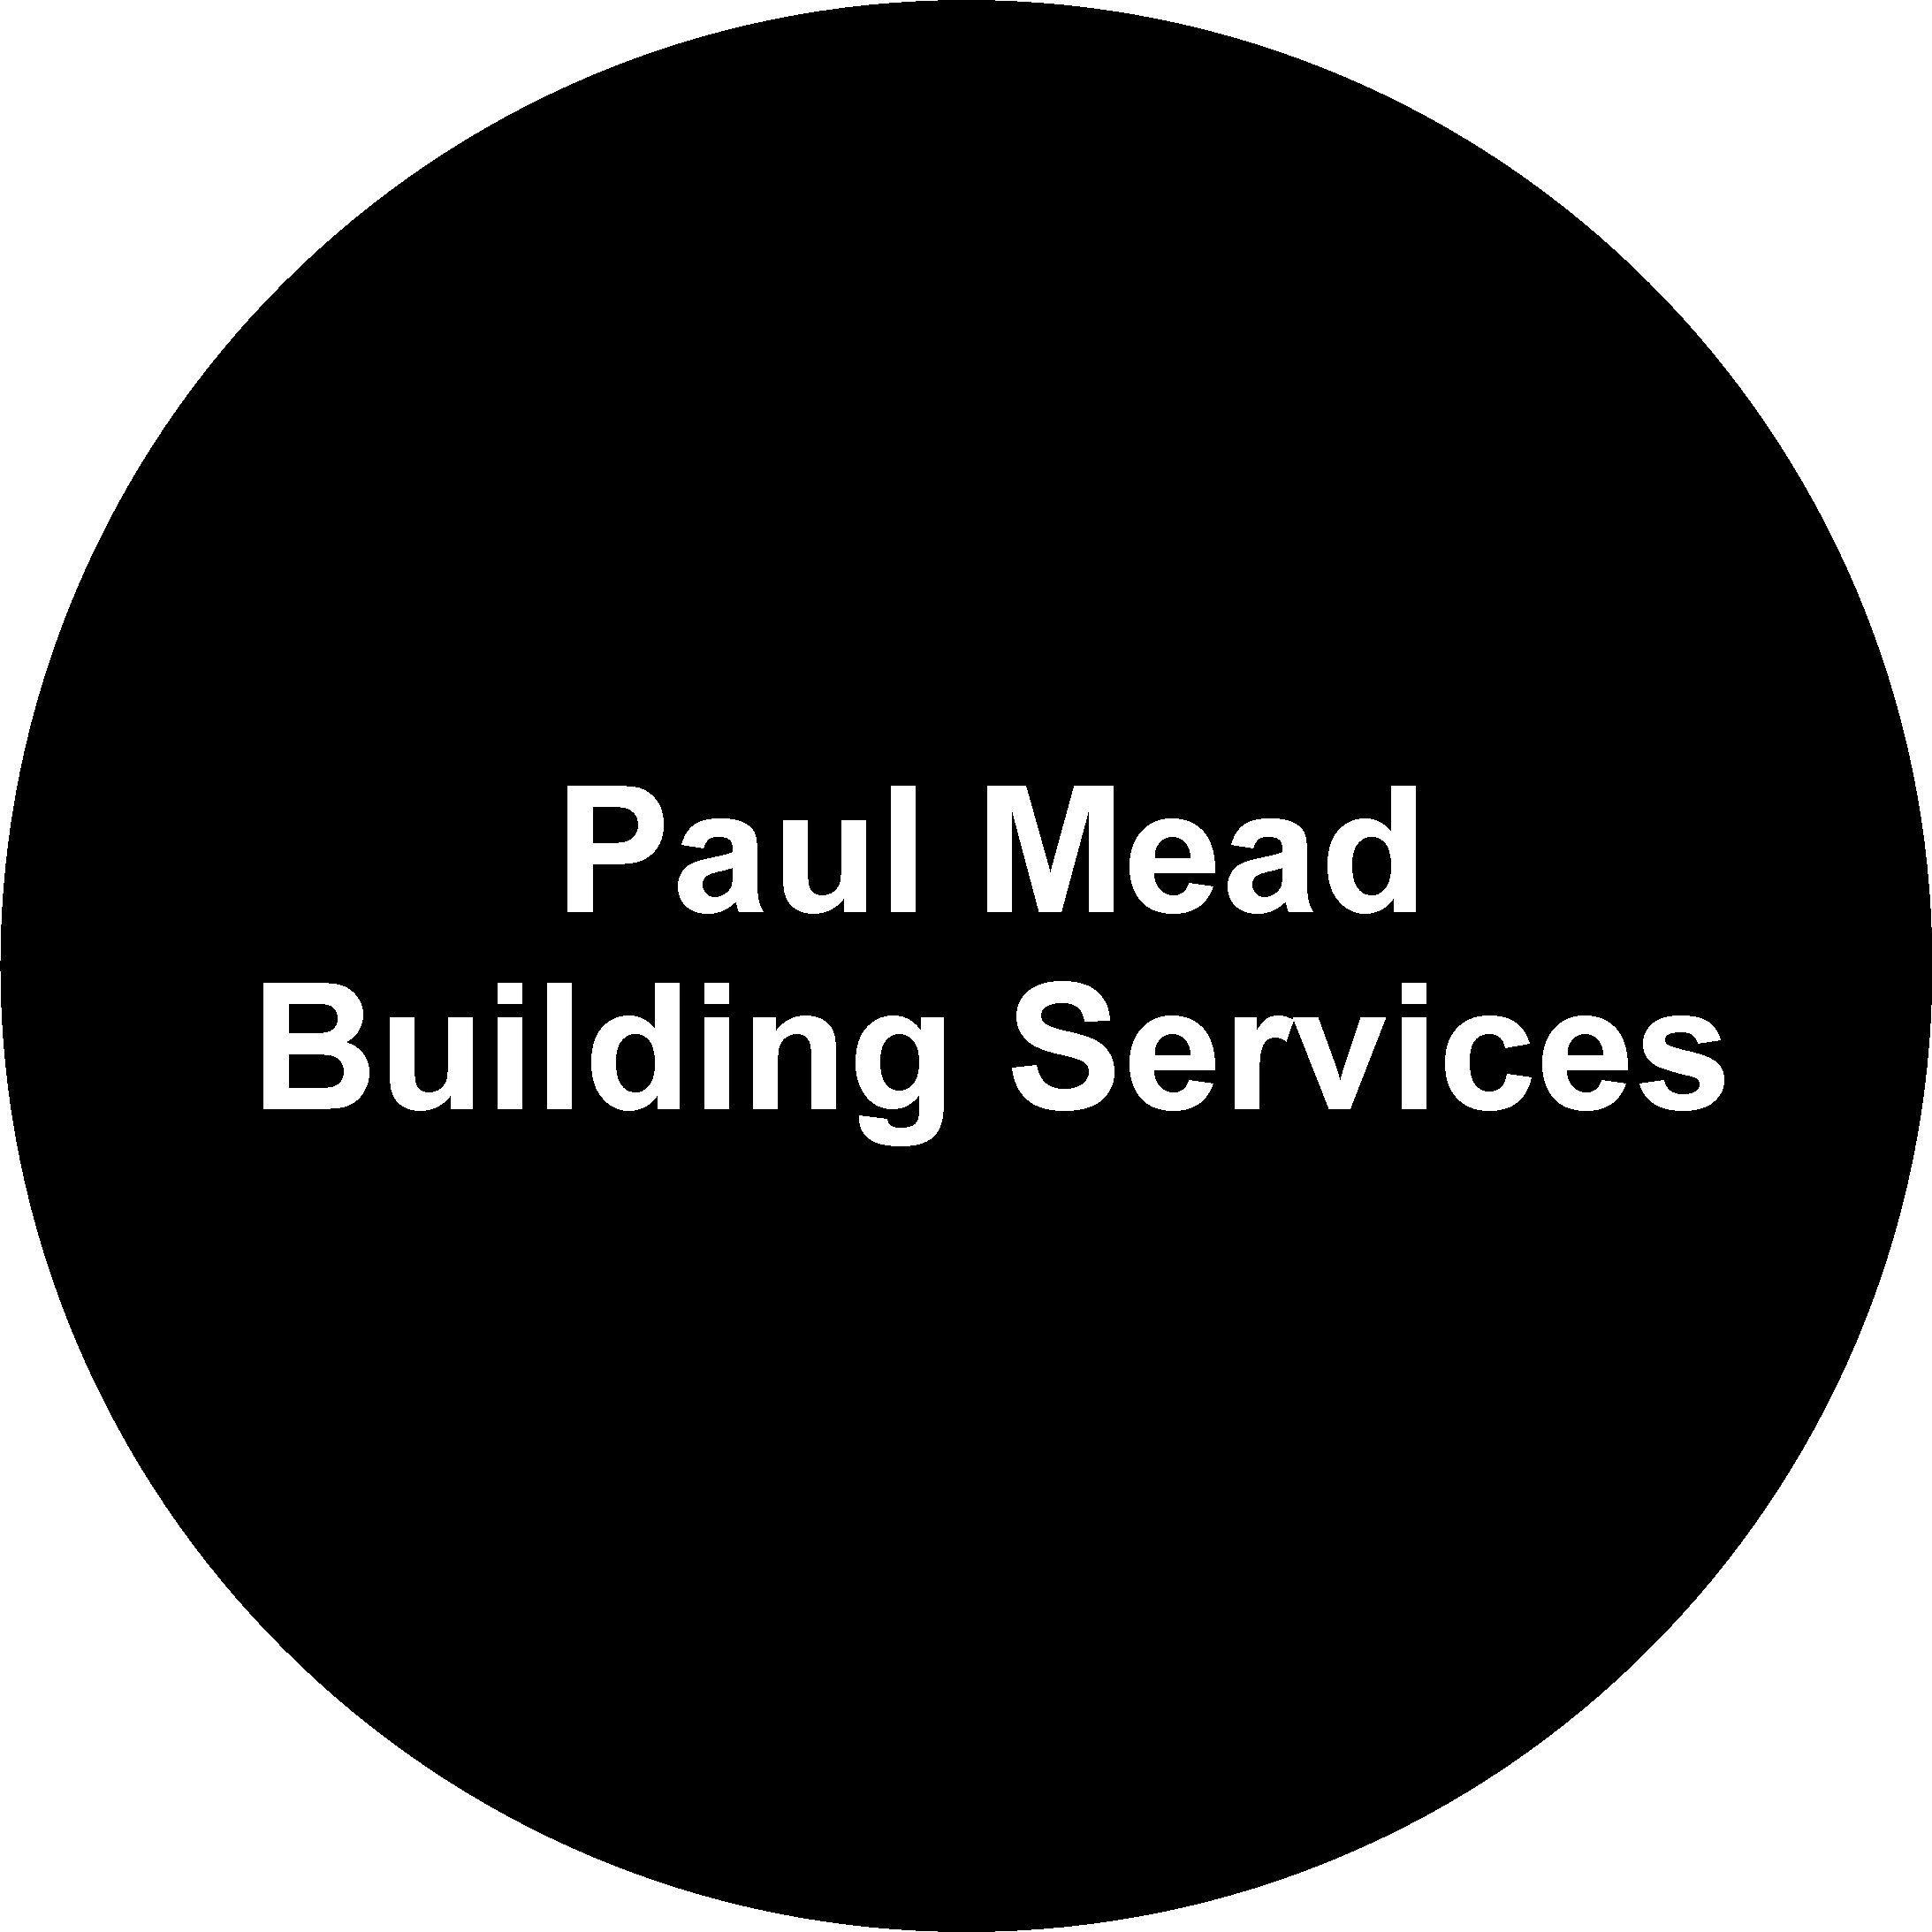 Paul Mead - Paul Mead Building Services